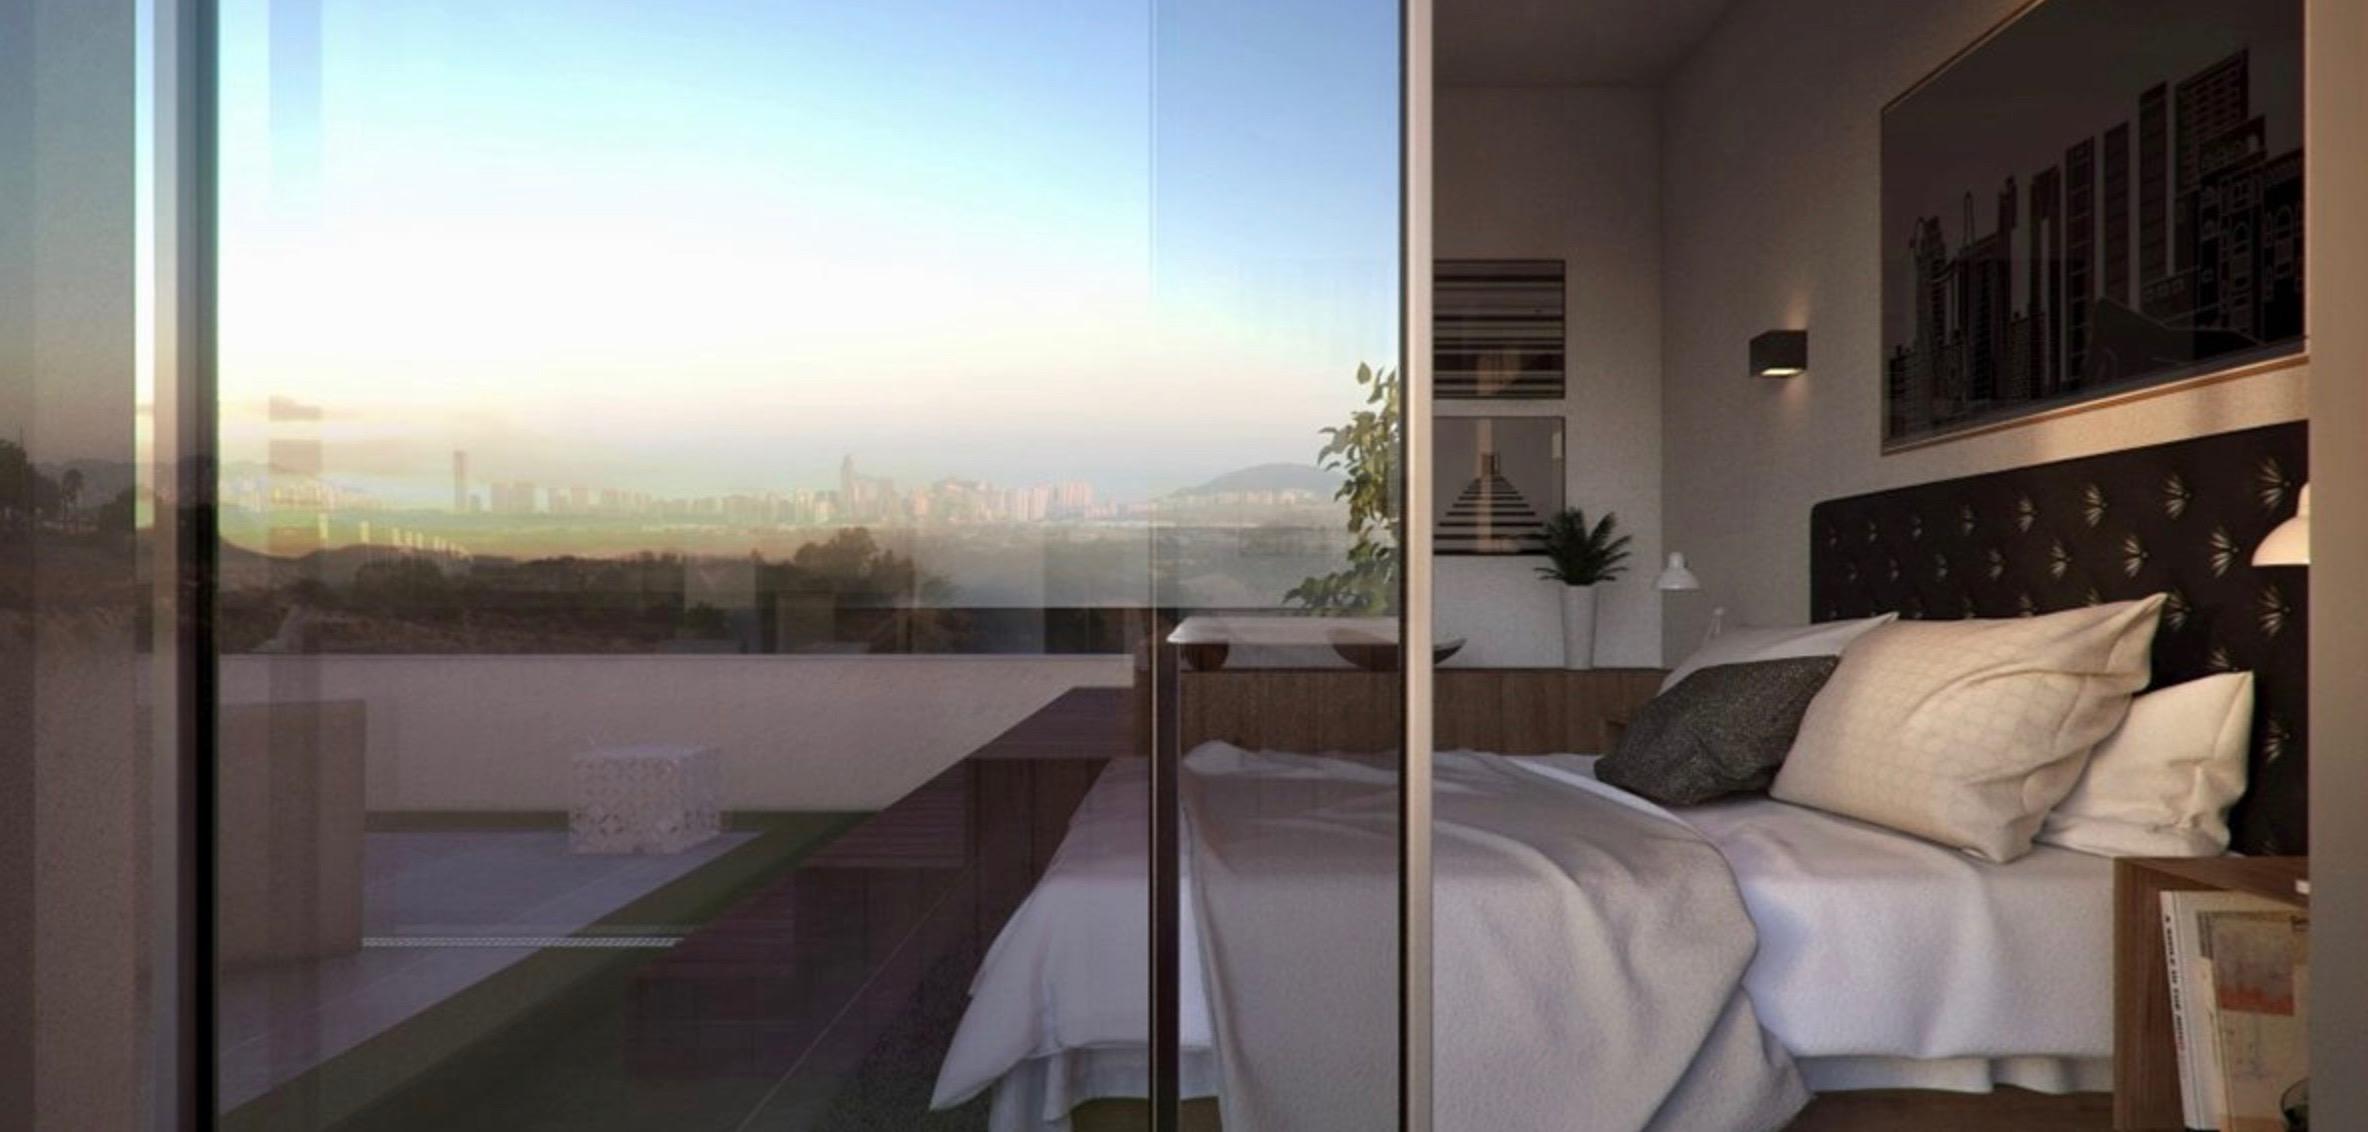 Finestrat villa €211.000